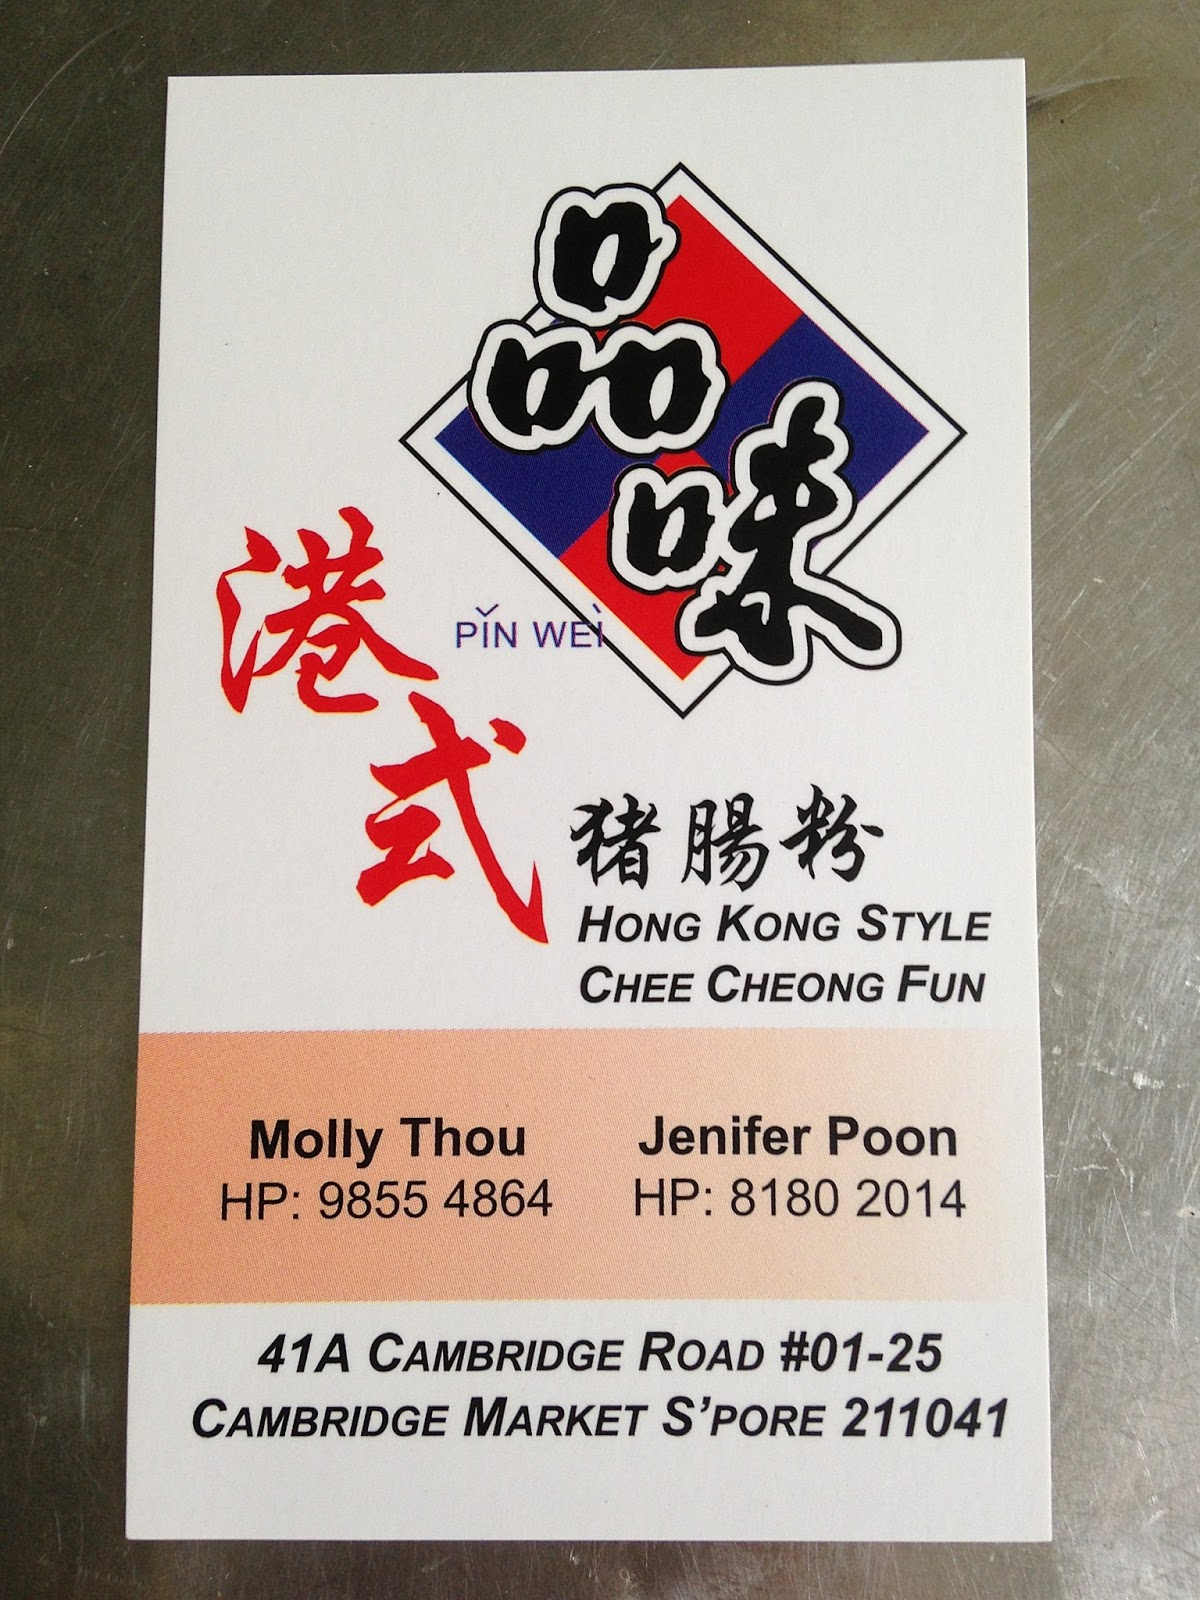 Pin Wei Hong Kong Style Chee Cheong Fun Dress Code